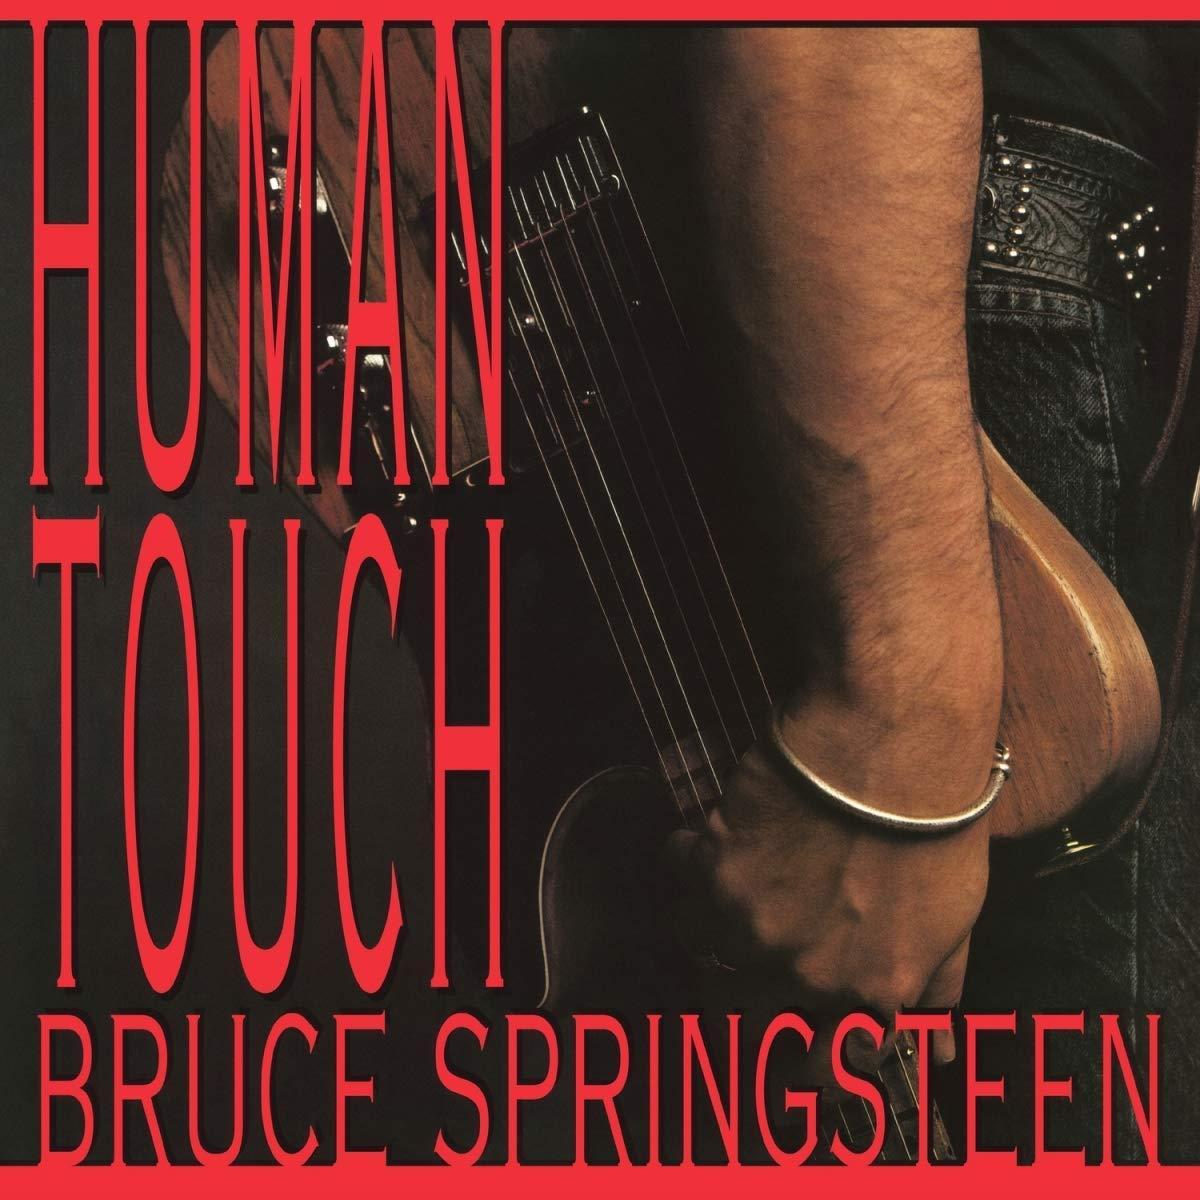 Брюс Спрингстин Bruce Springsteen. Human Touch (2 LP) bruce springsteen bruce springsteen mtv plugged 2 lp